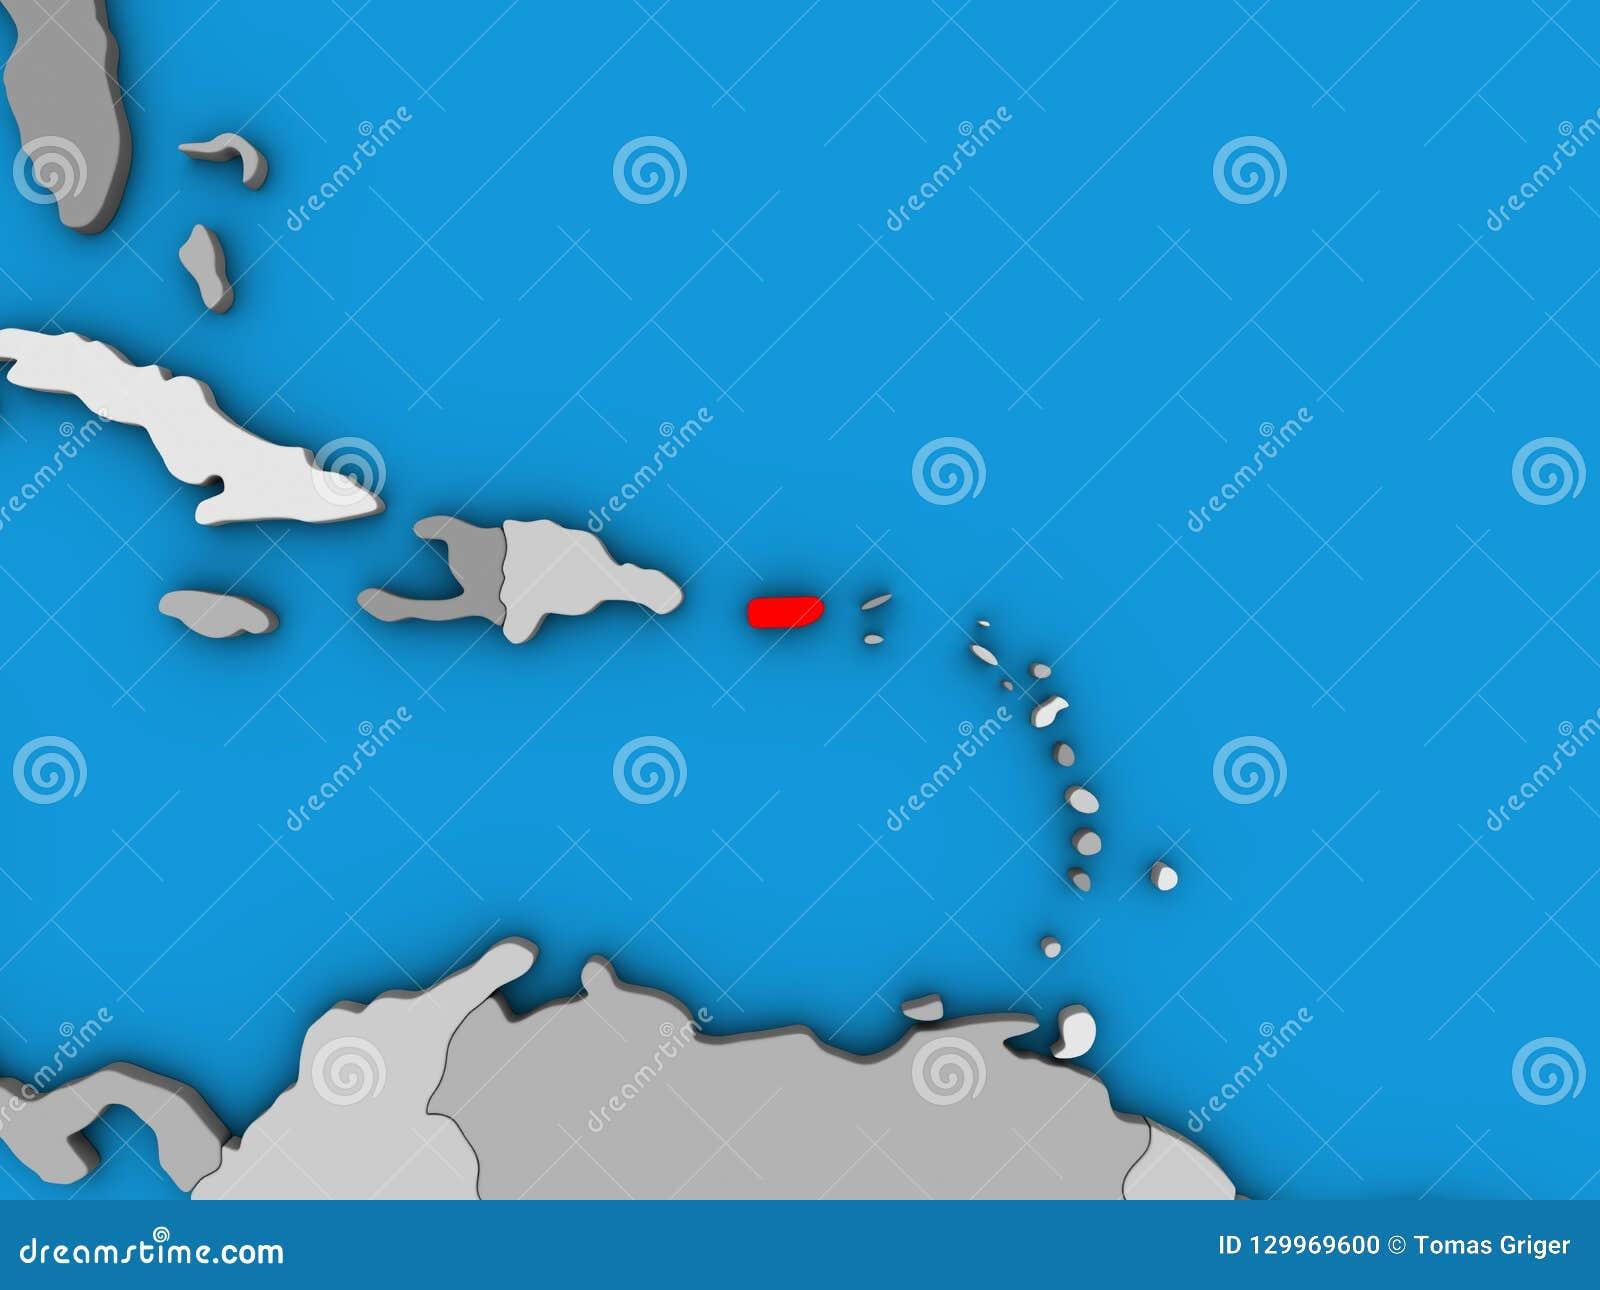 Porto Rico no mapa 3D